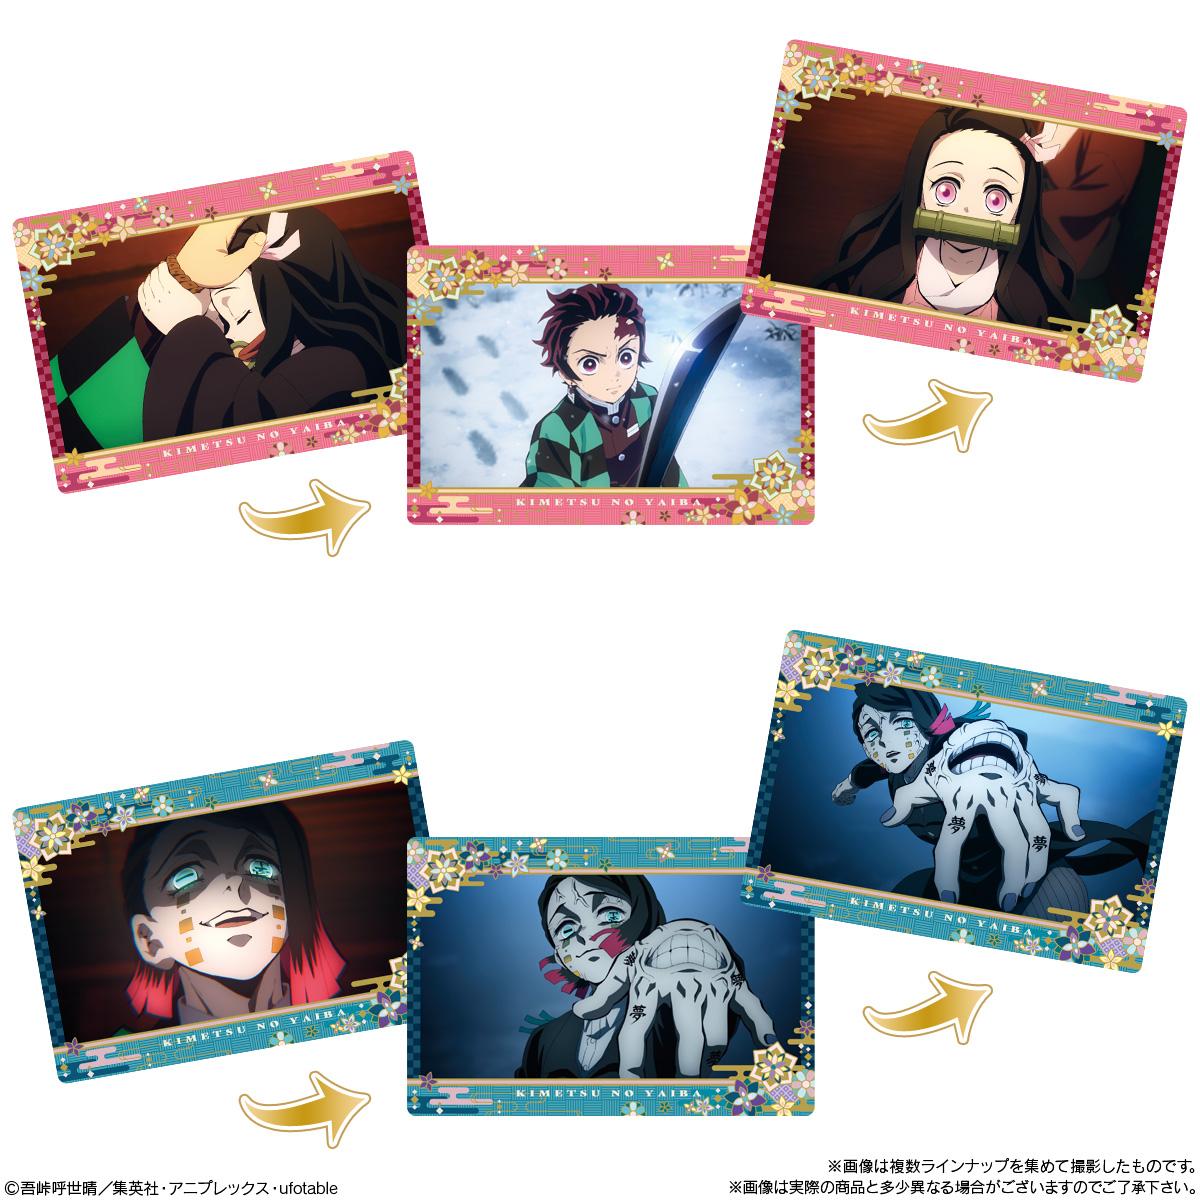 【食玩】鬼滅の刃『劇場版「鬼滅の刃」無限列車編 名場面回顧カードチョコスナック3』10個入りBOX-005